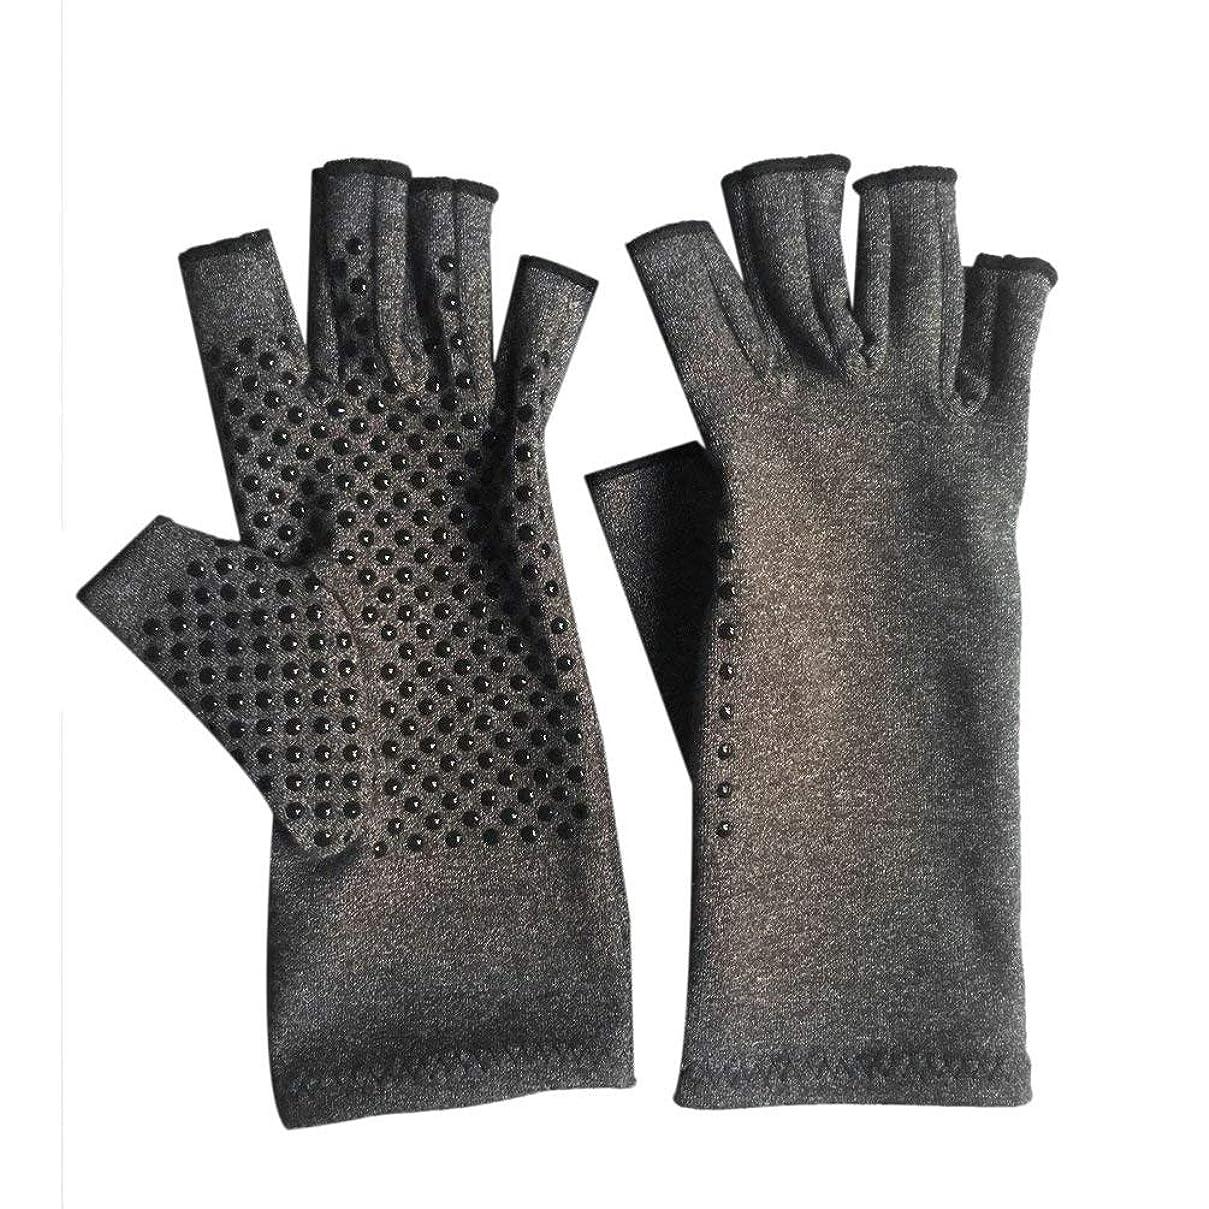 移動説得モディッシュ1ペアユニセックス男性女性療法圧縮手袋関節炎関節痛緩和ヘルスケア半指手袋トレーニング手袋 - グレーM